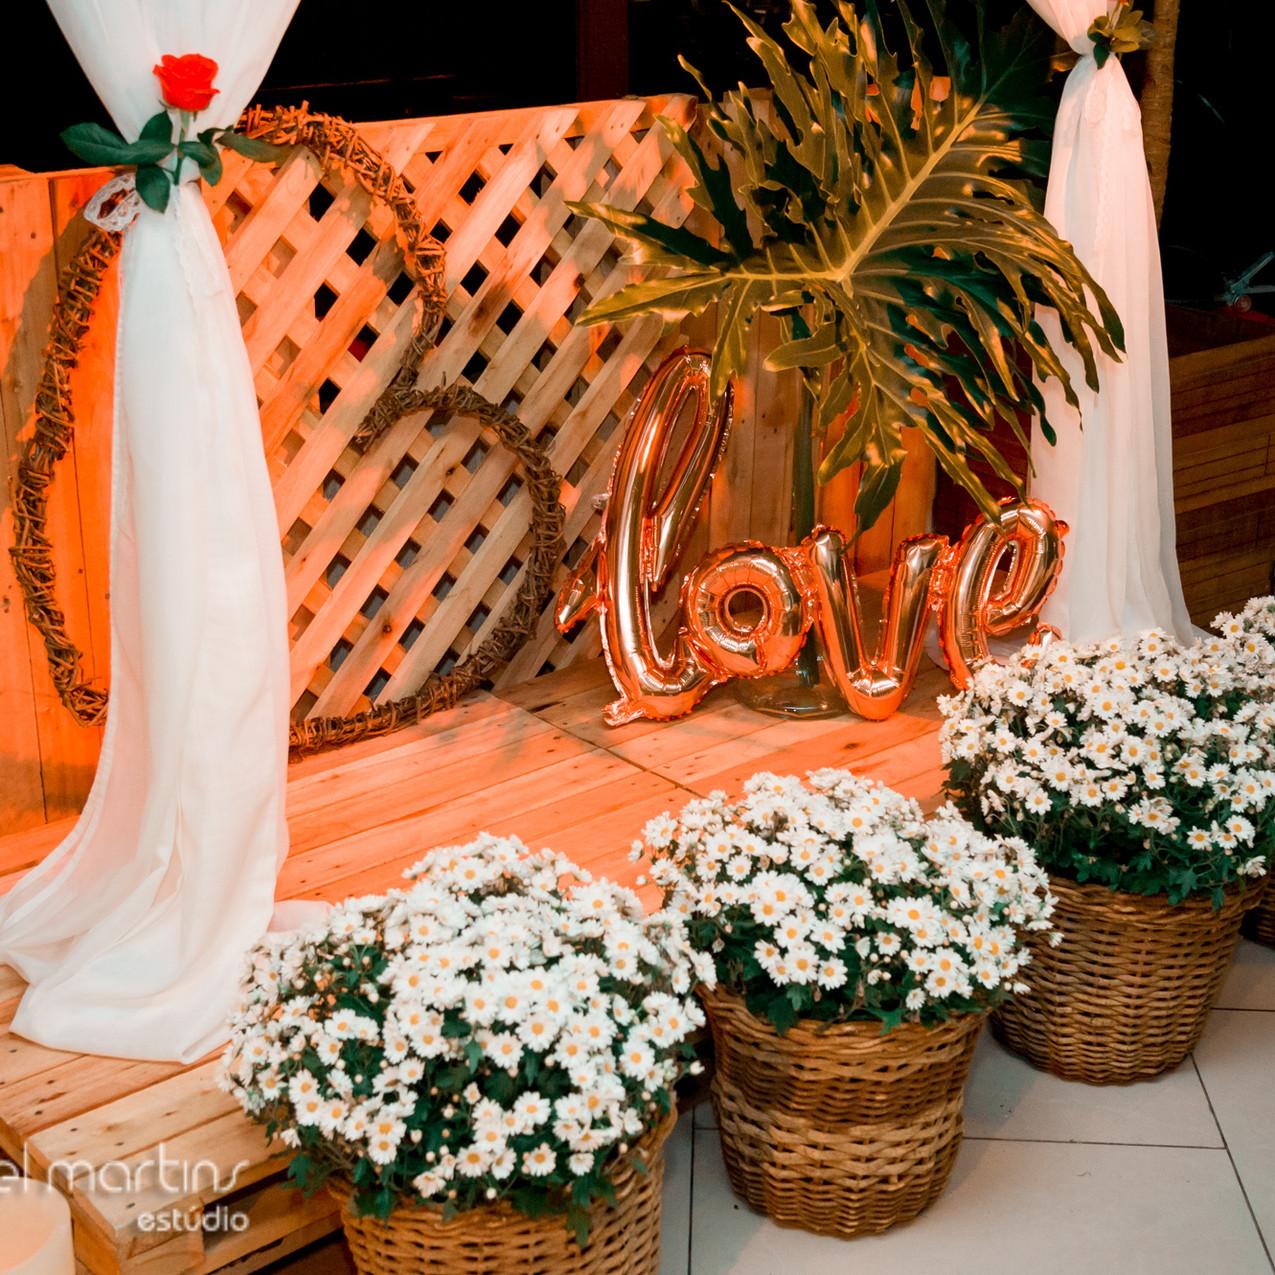 BeR-1967-fotografo-casamento-wedding-gotadagua-rustico-brunaeraul-boho-diy-portoalegre-daniel-martins